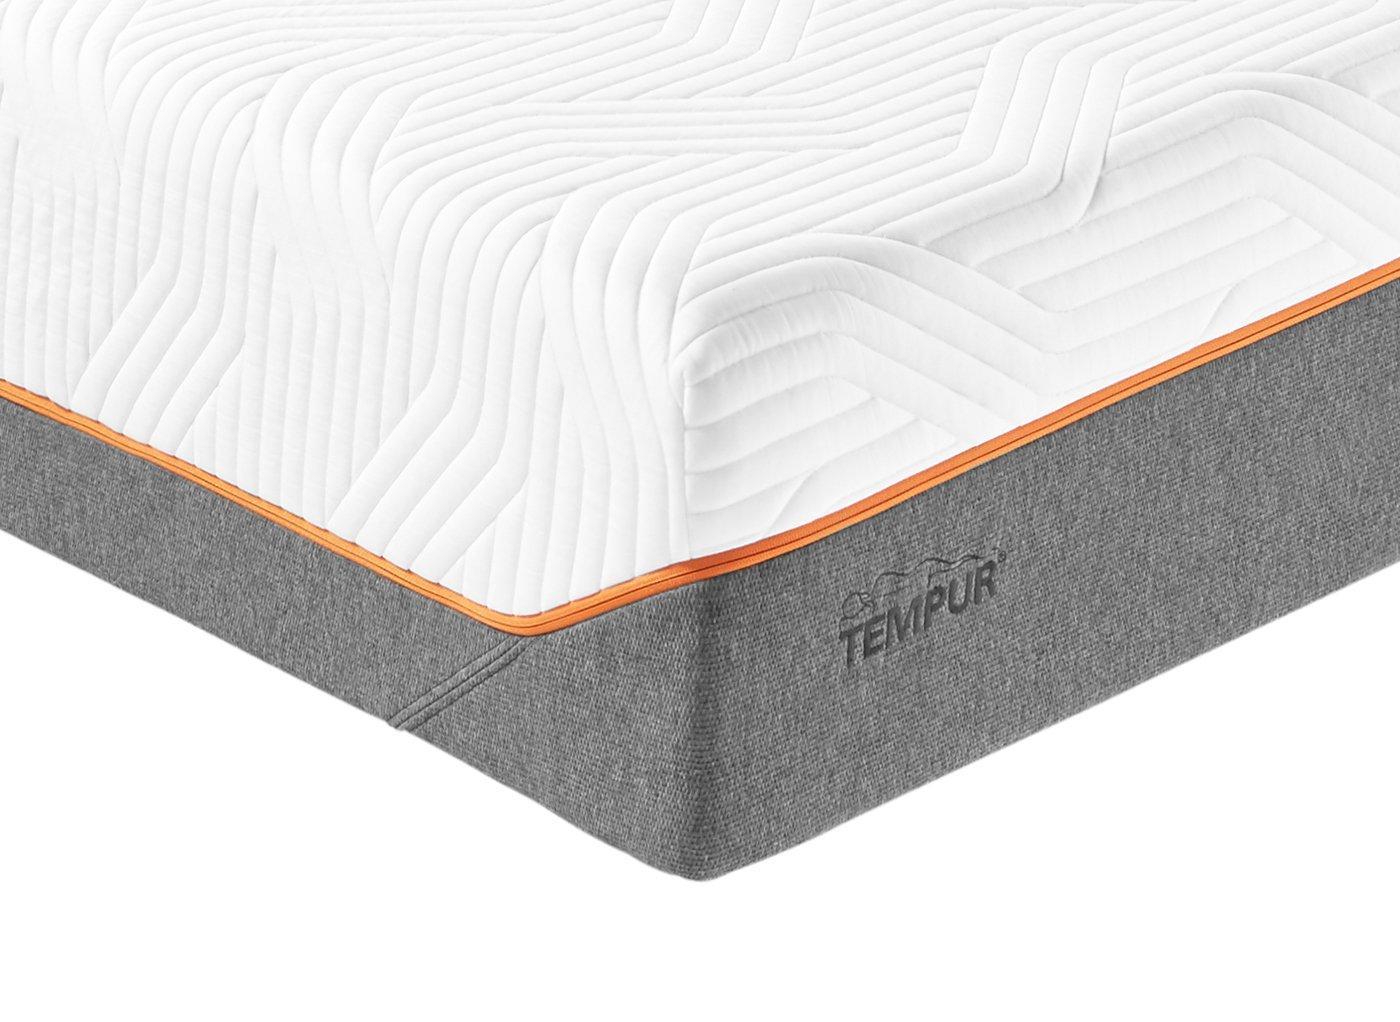 Tempur Cooltouch Original Luxe Adjustable Mattress - Medium Firm 3'0 Single